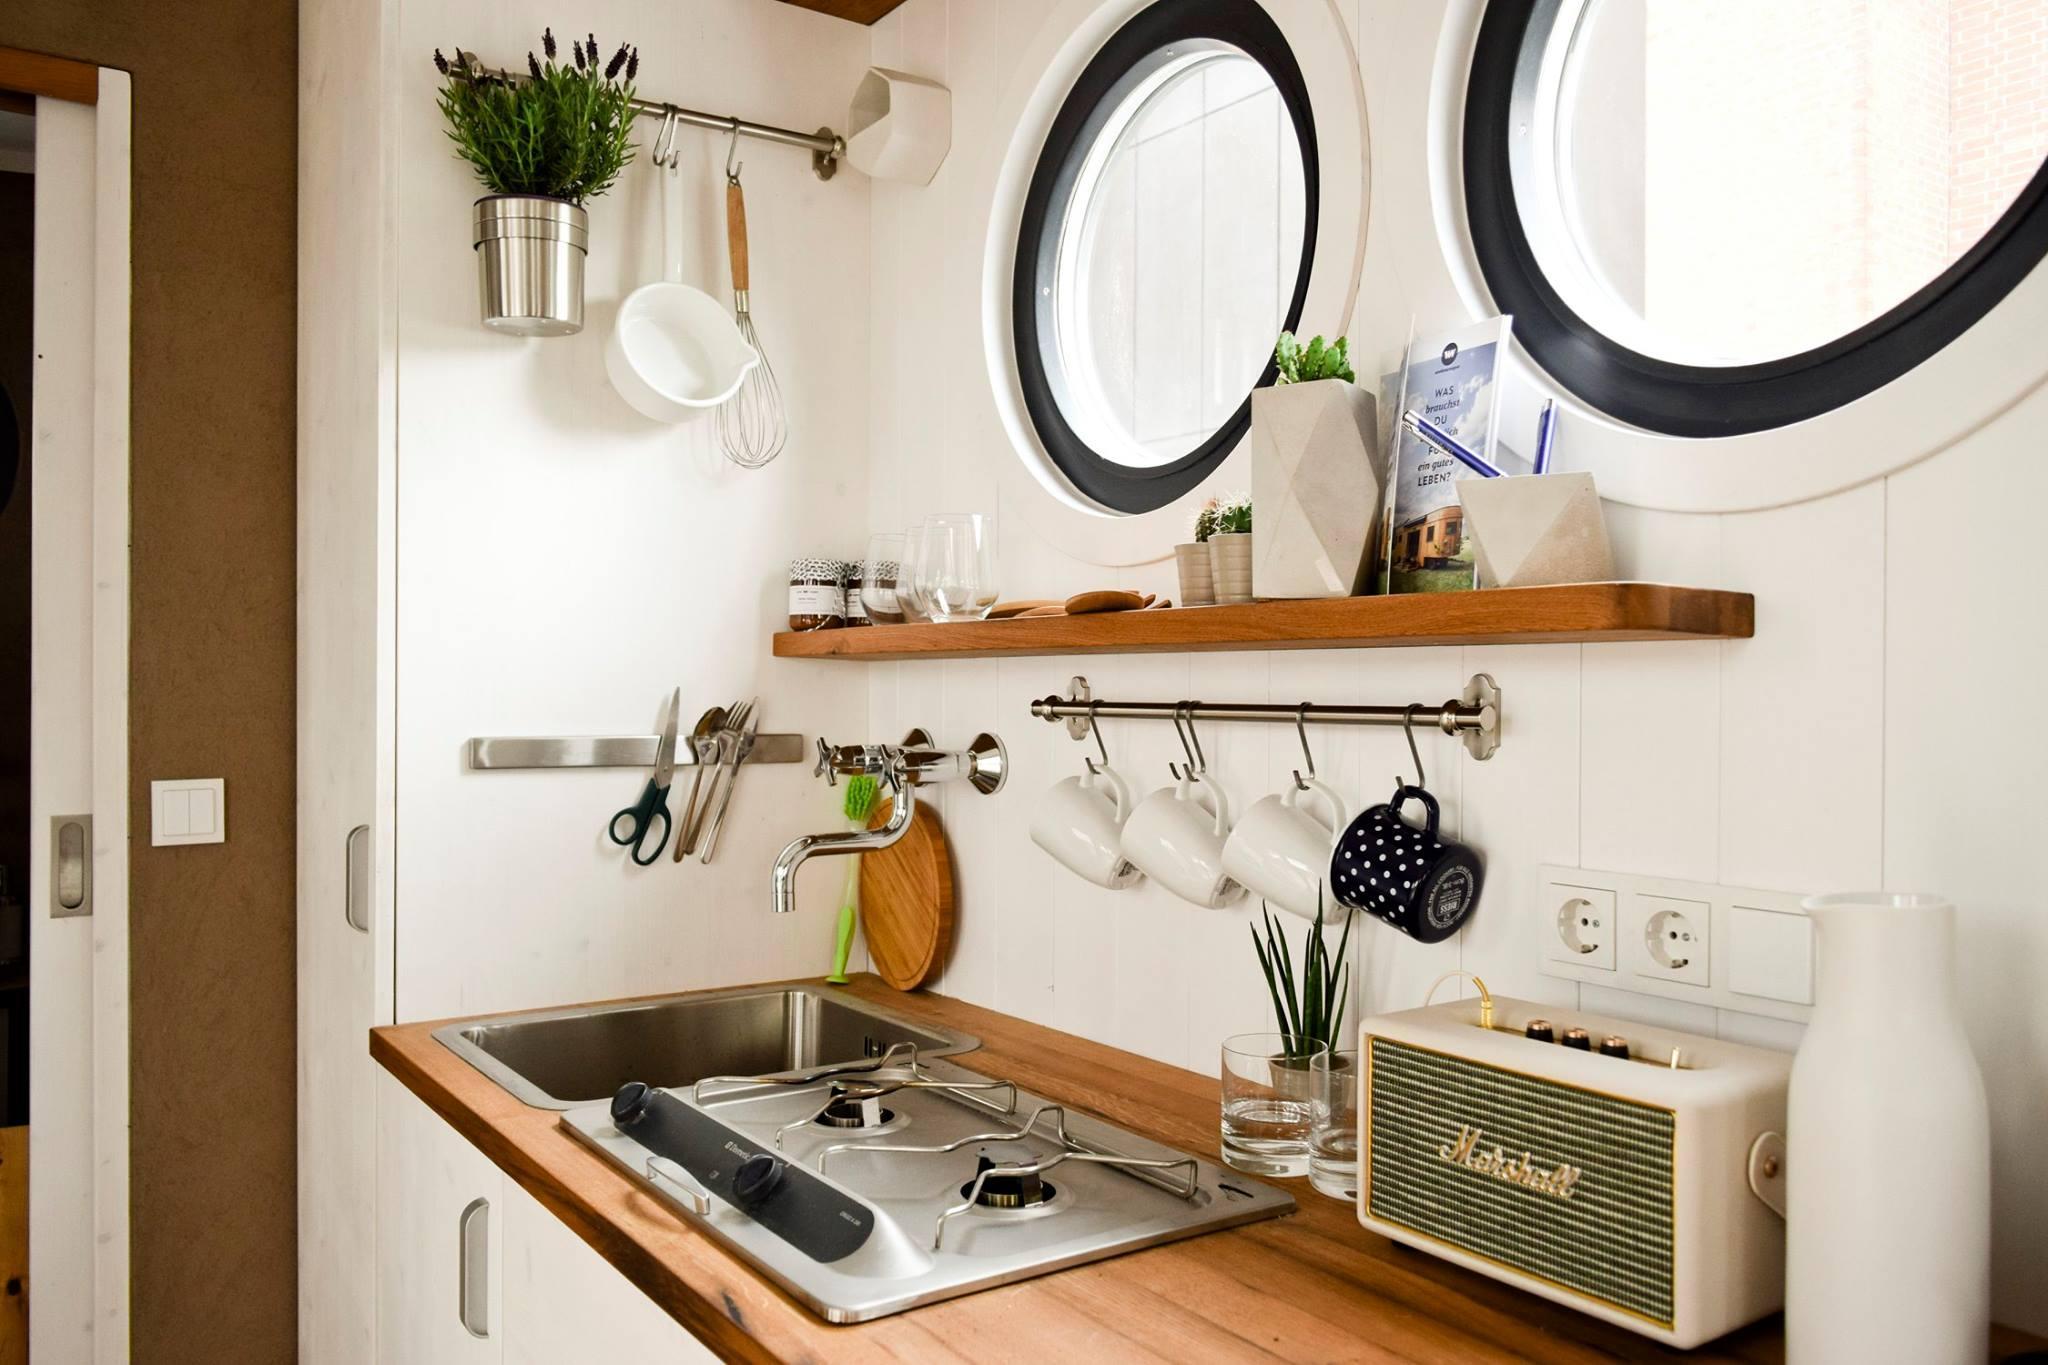 kleine, feine küche #küche ©wohnwagon ? couchstyle - Kleine Feine Küche